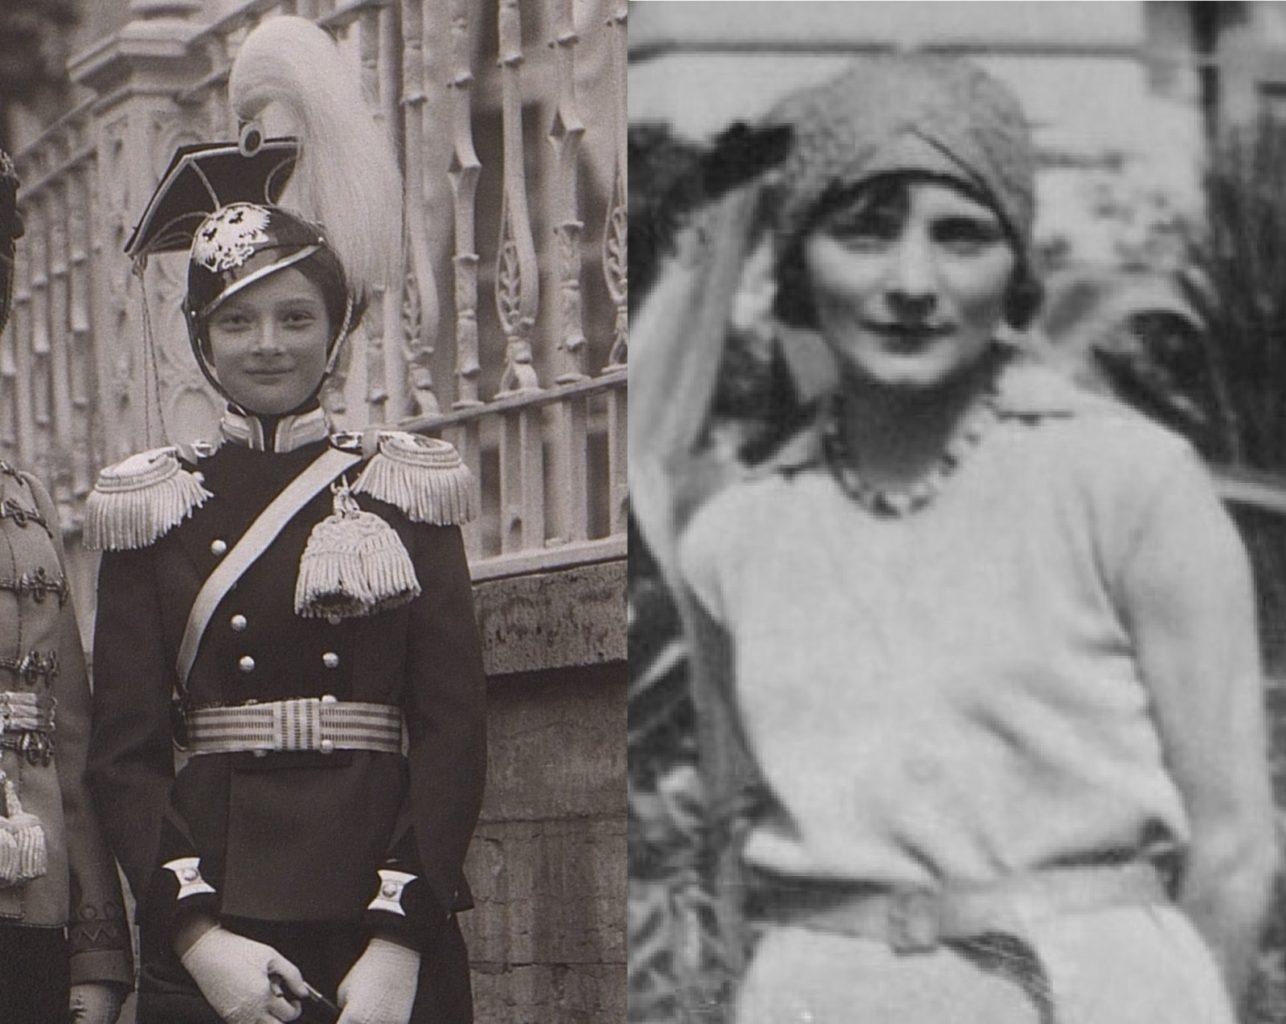 Слева - великая княжна Татьяна, справа - Мишель Анше